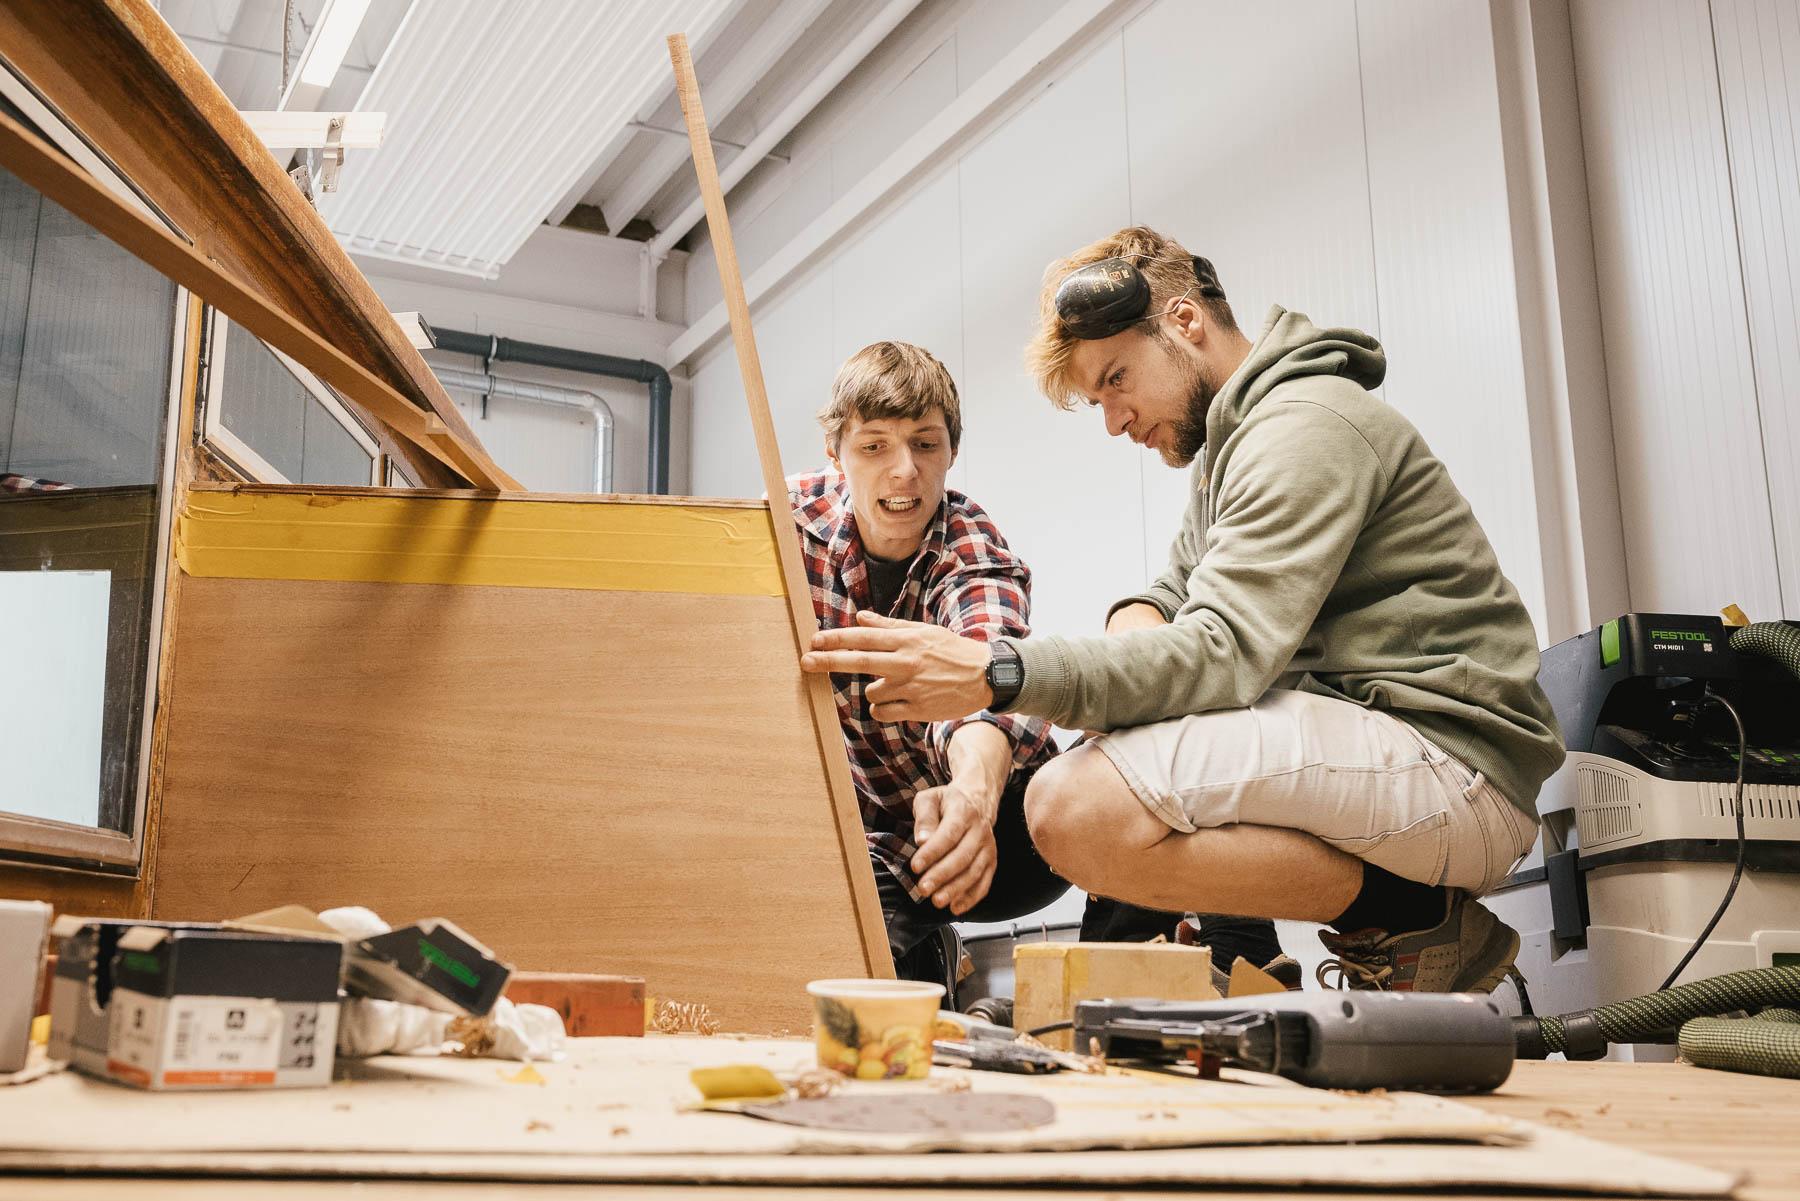 Ausbildung-Bootsbau-Ausbildungsbetrieb-Norman-Bootsbau-Potsdam-Causalux-Fotografie